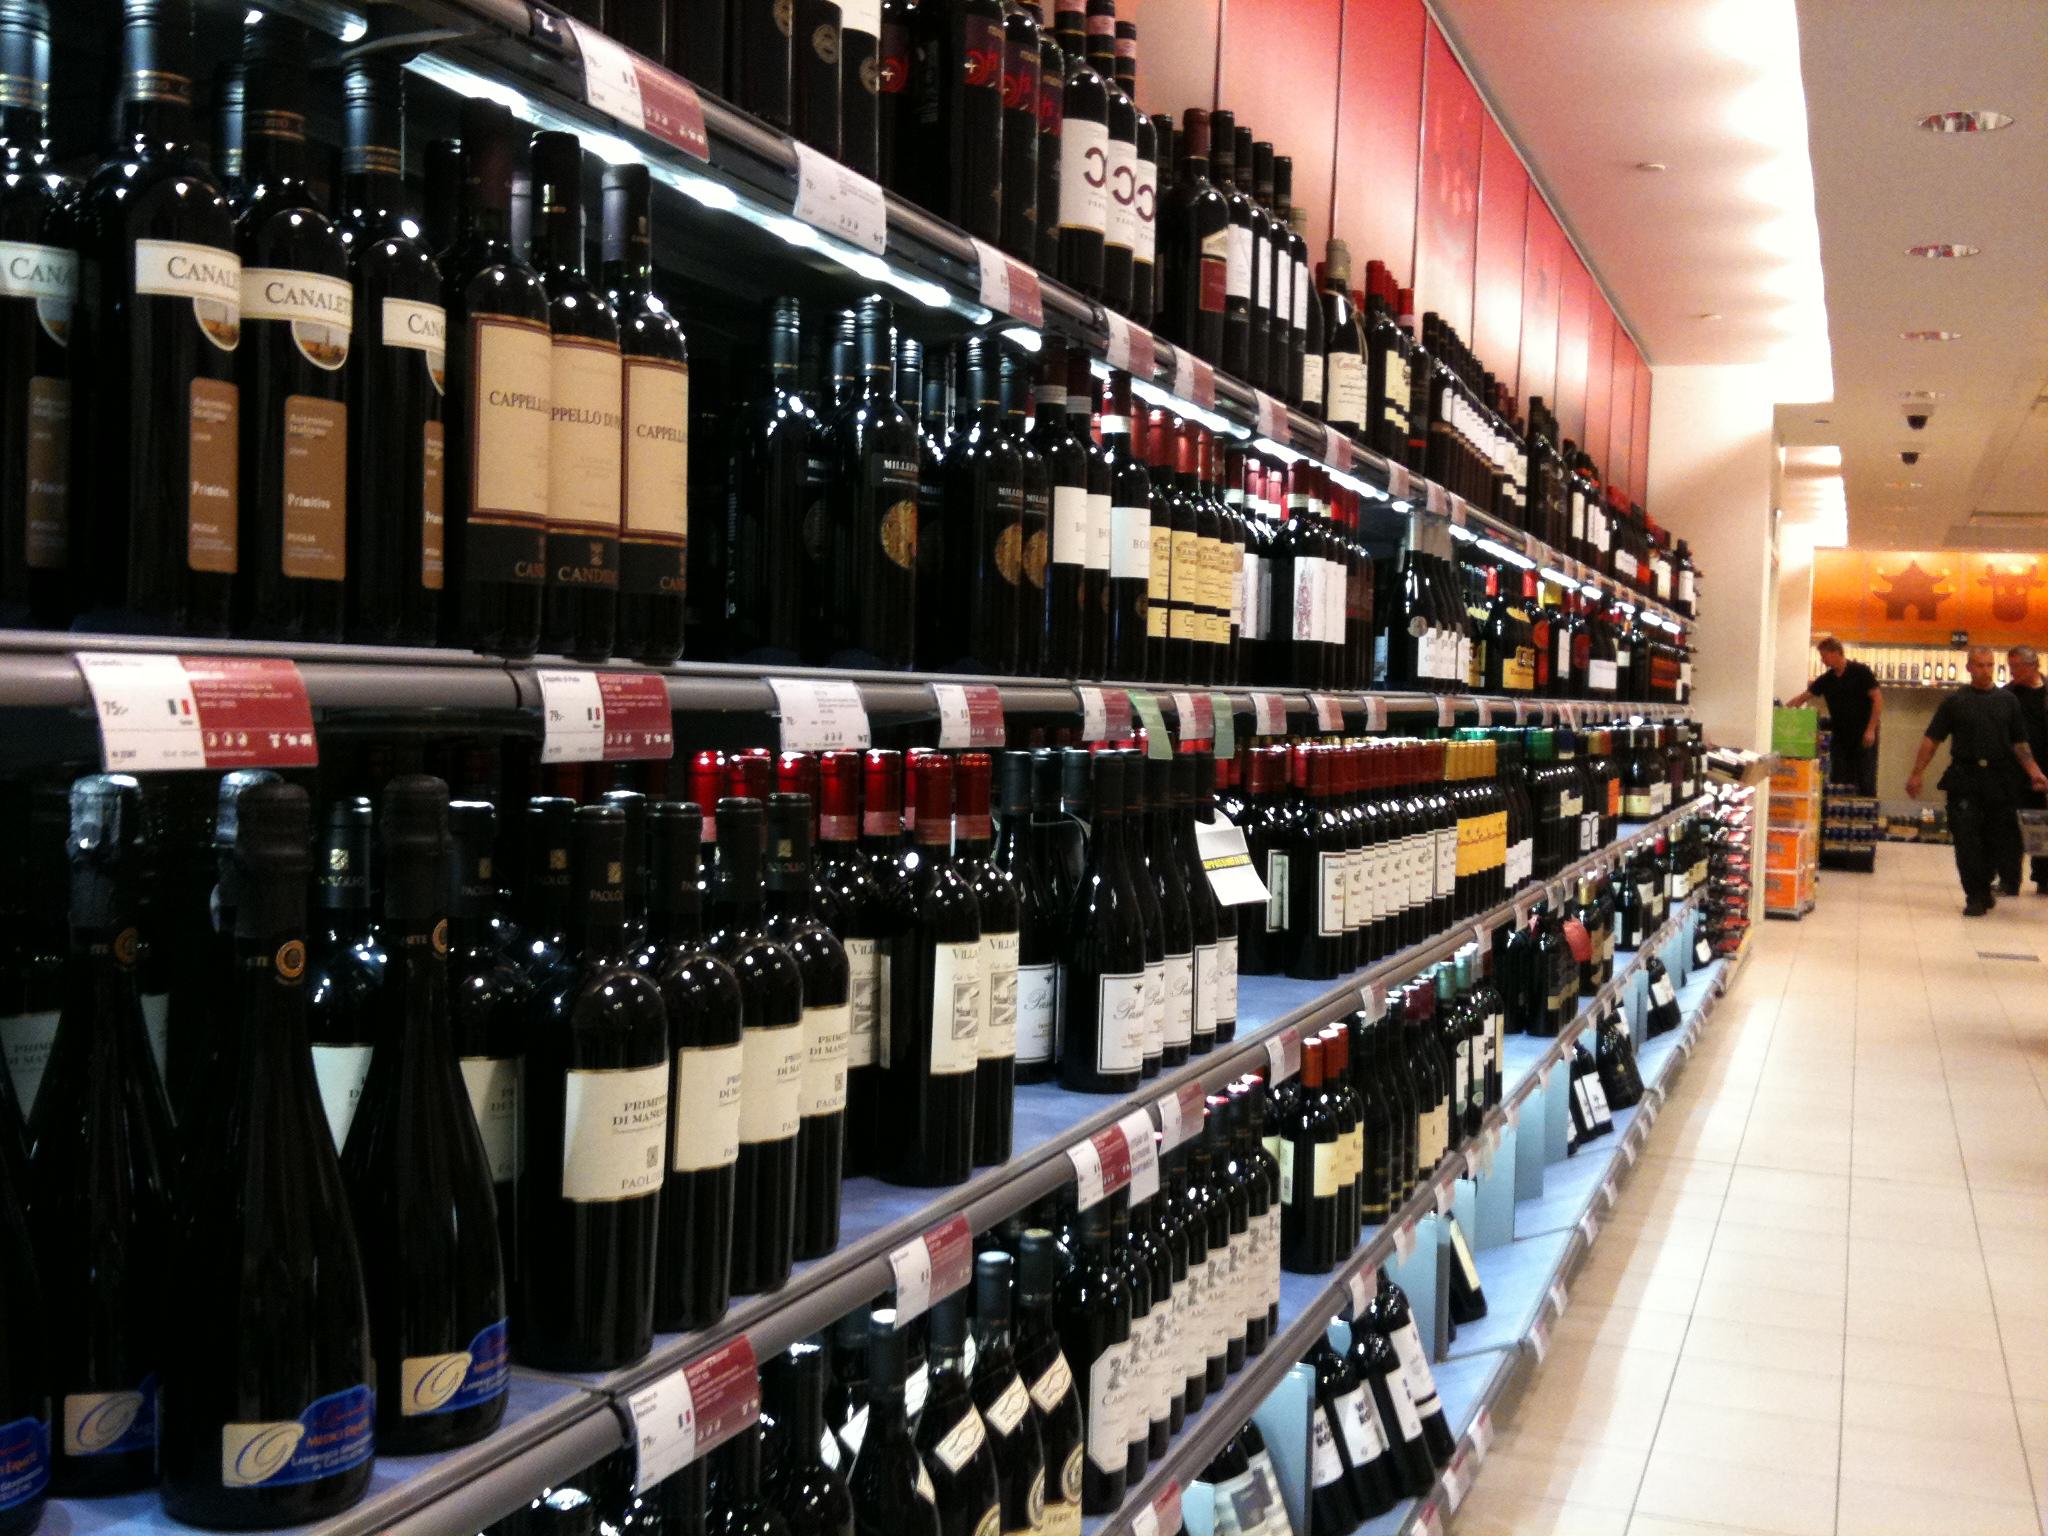 Die Schweden und der Alkohol: Preise, Gesetze, Trinkkultur - Hej Sweden